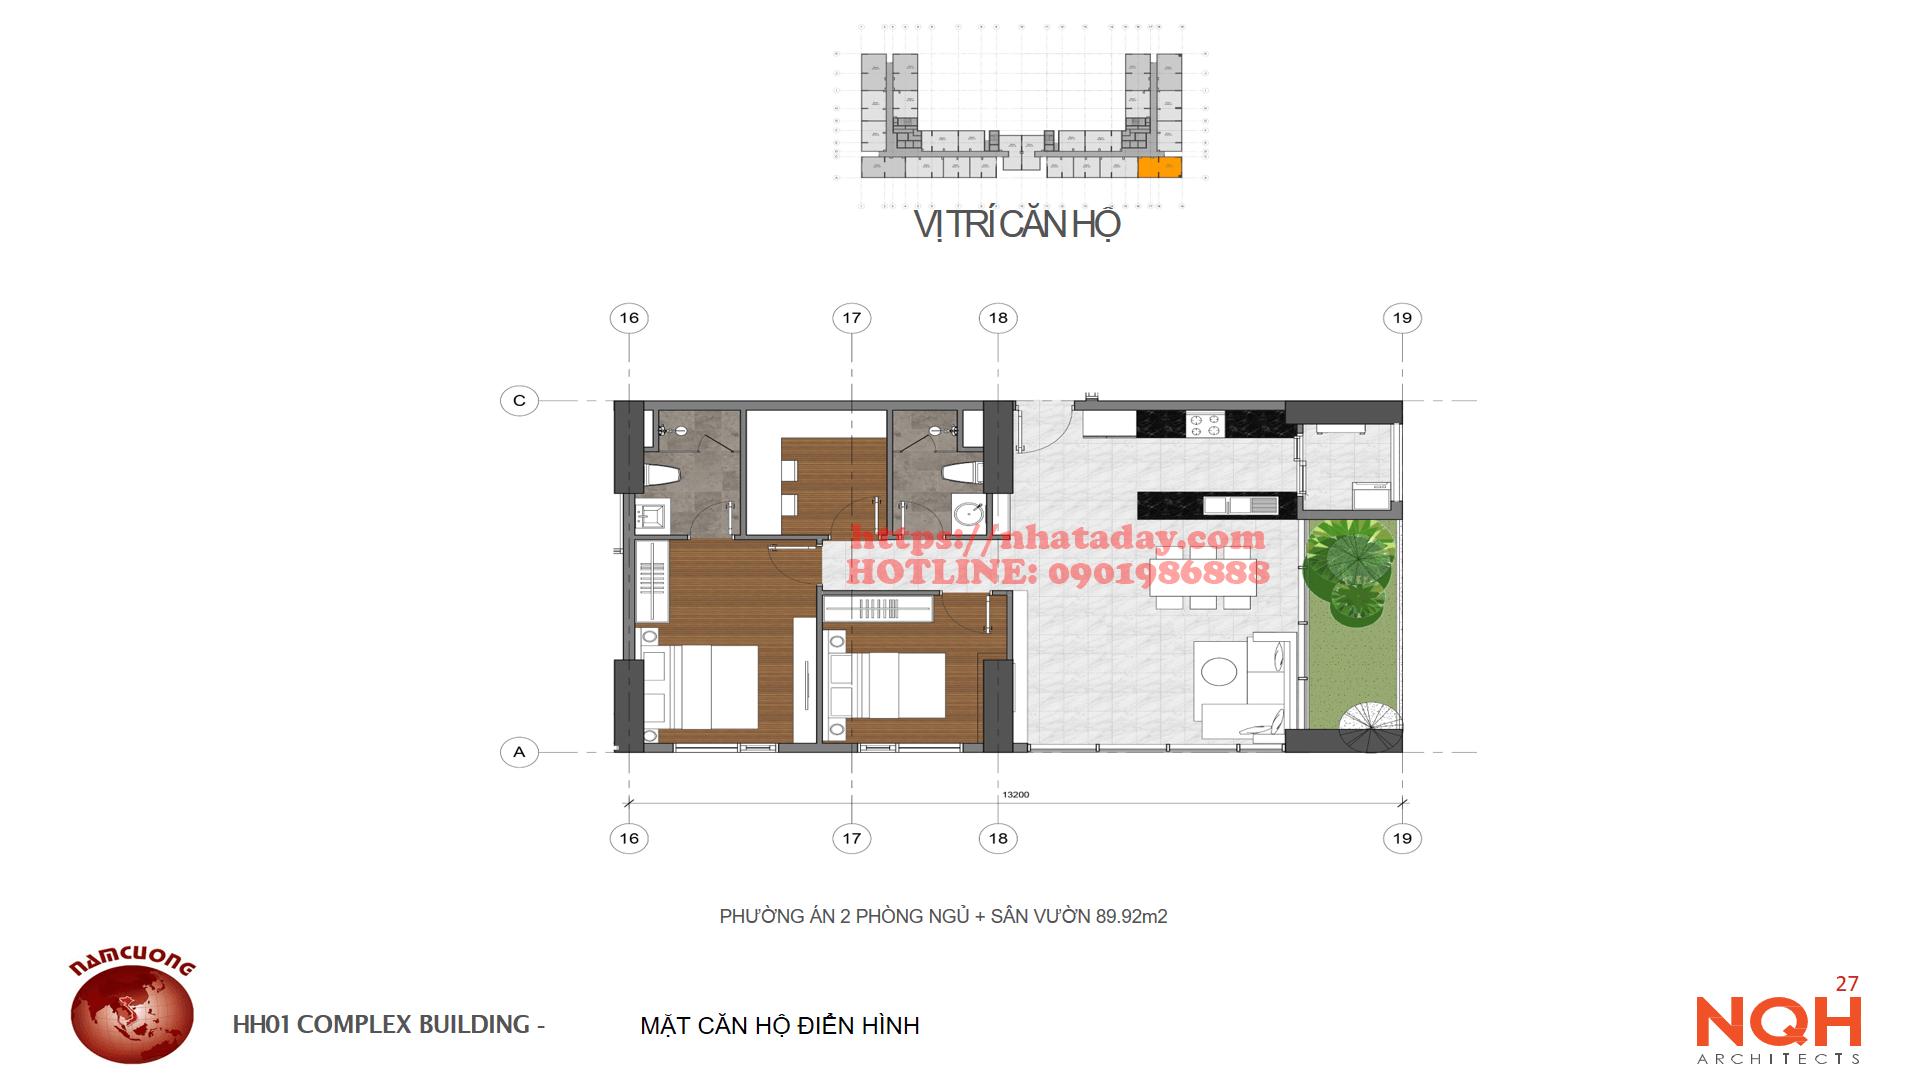 Thiết kế căn hộ 89,92m2 Chung cư Anland Complex Building Nam Cường Dương Nội